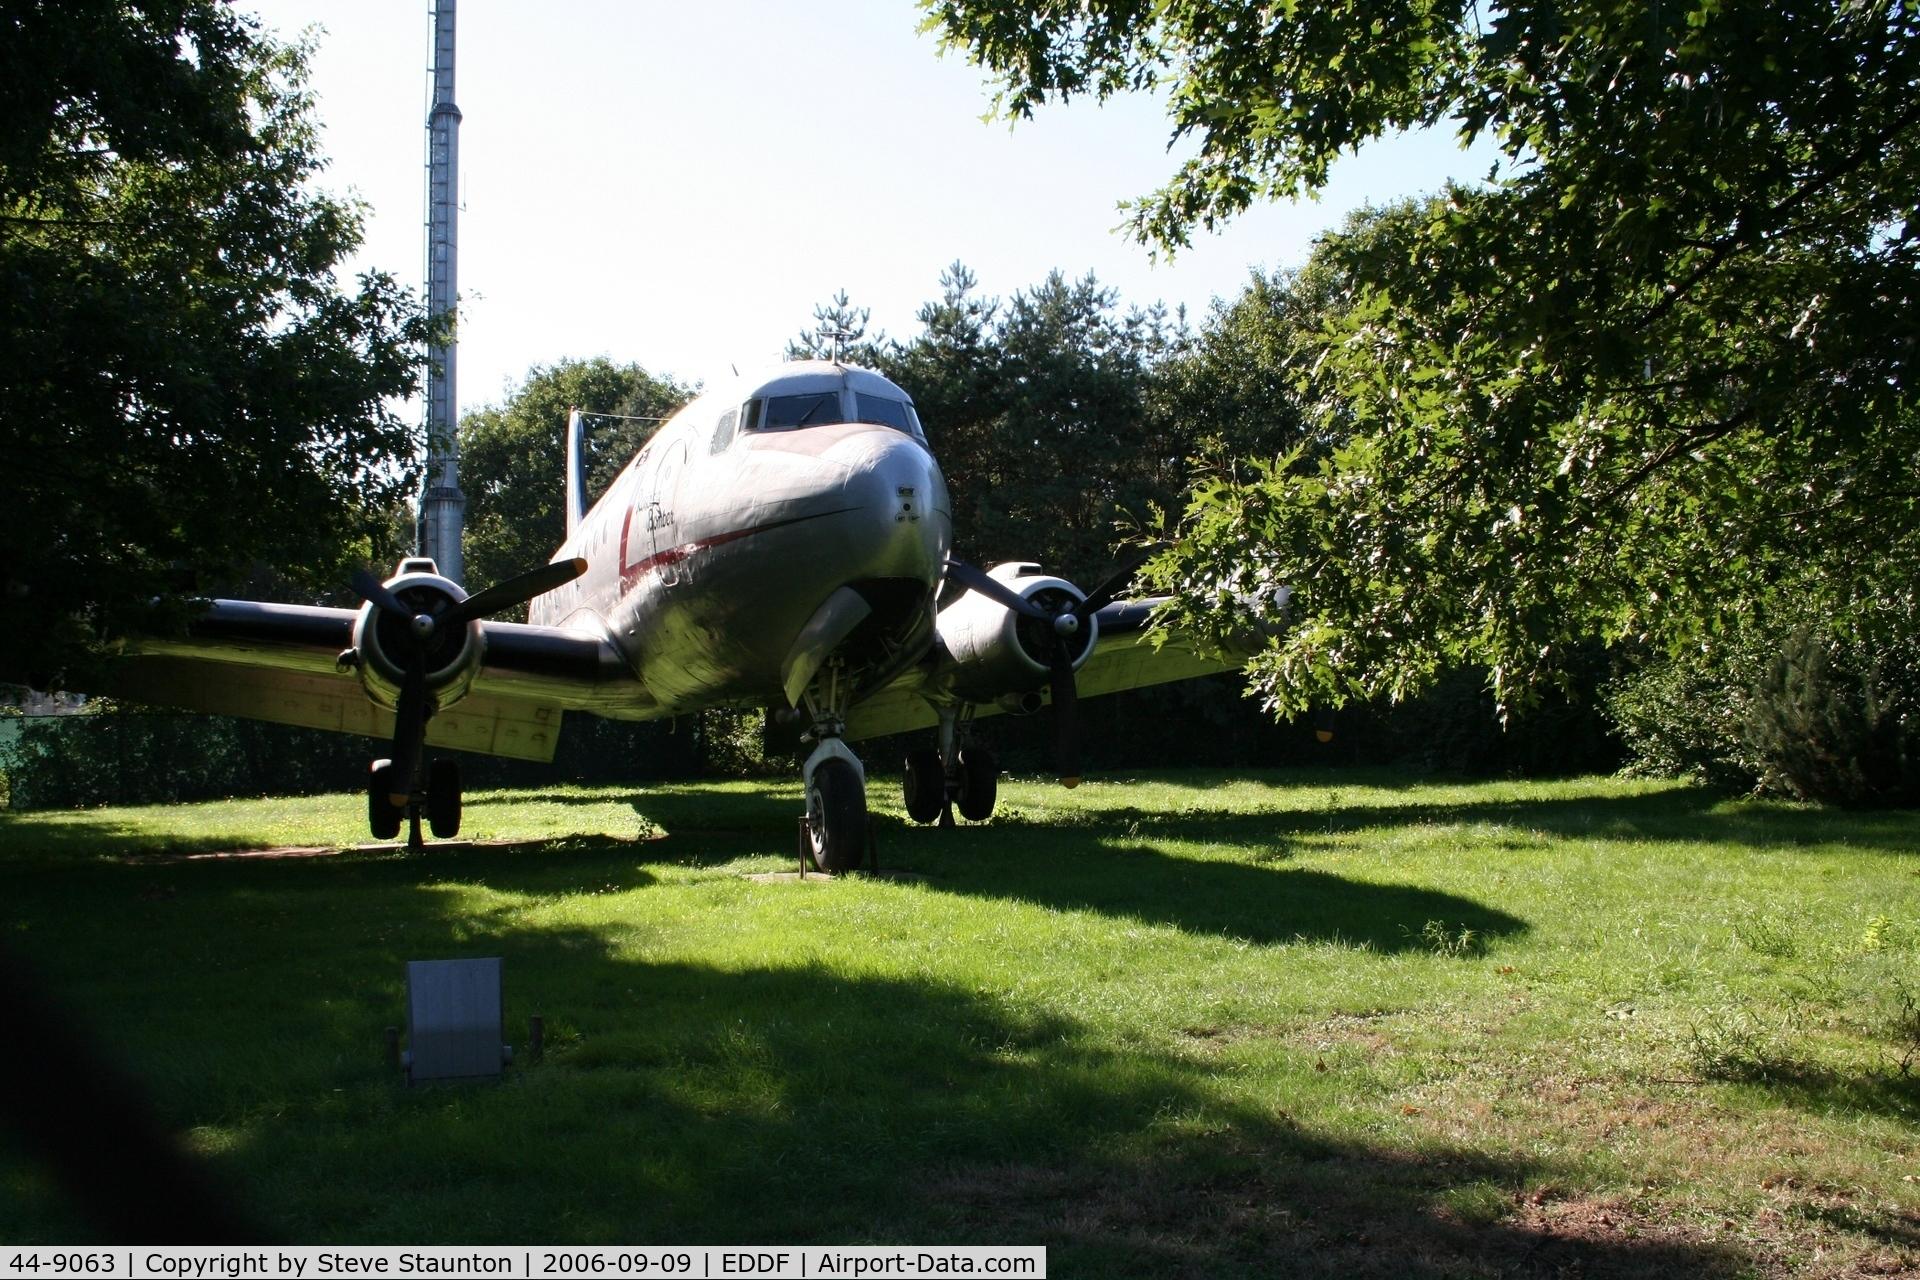 44-9063, 1944 Douglas C-54E Skymaster (DC-4) C/N 27289, Taken at Frankfurt September 2006